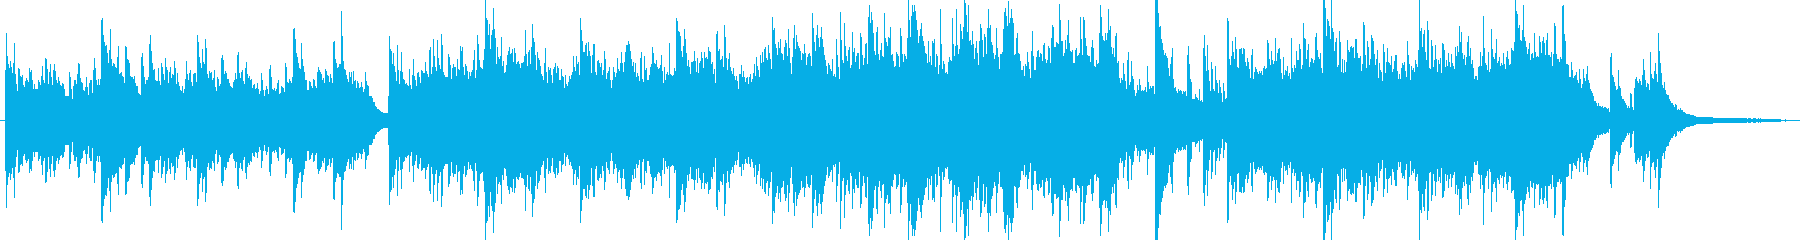 ピアノによるシンセバラード曲の再生済みの波形